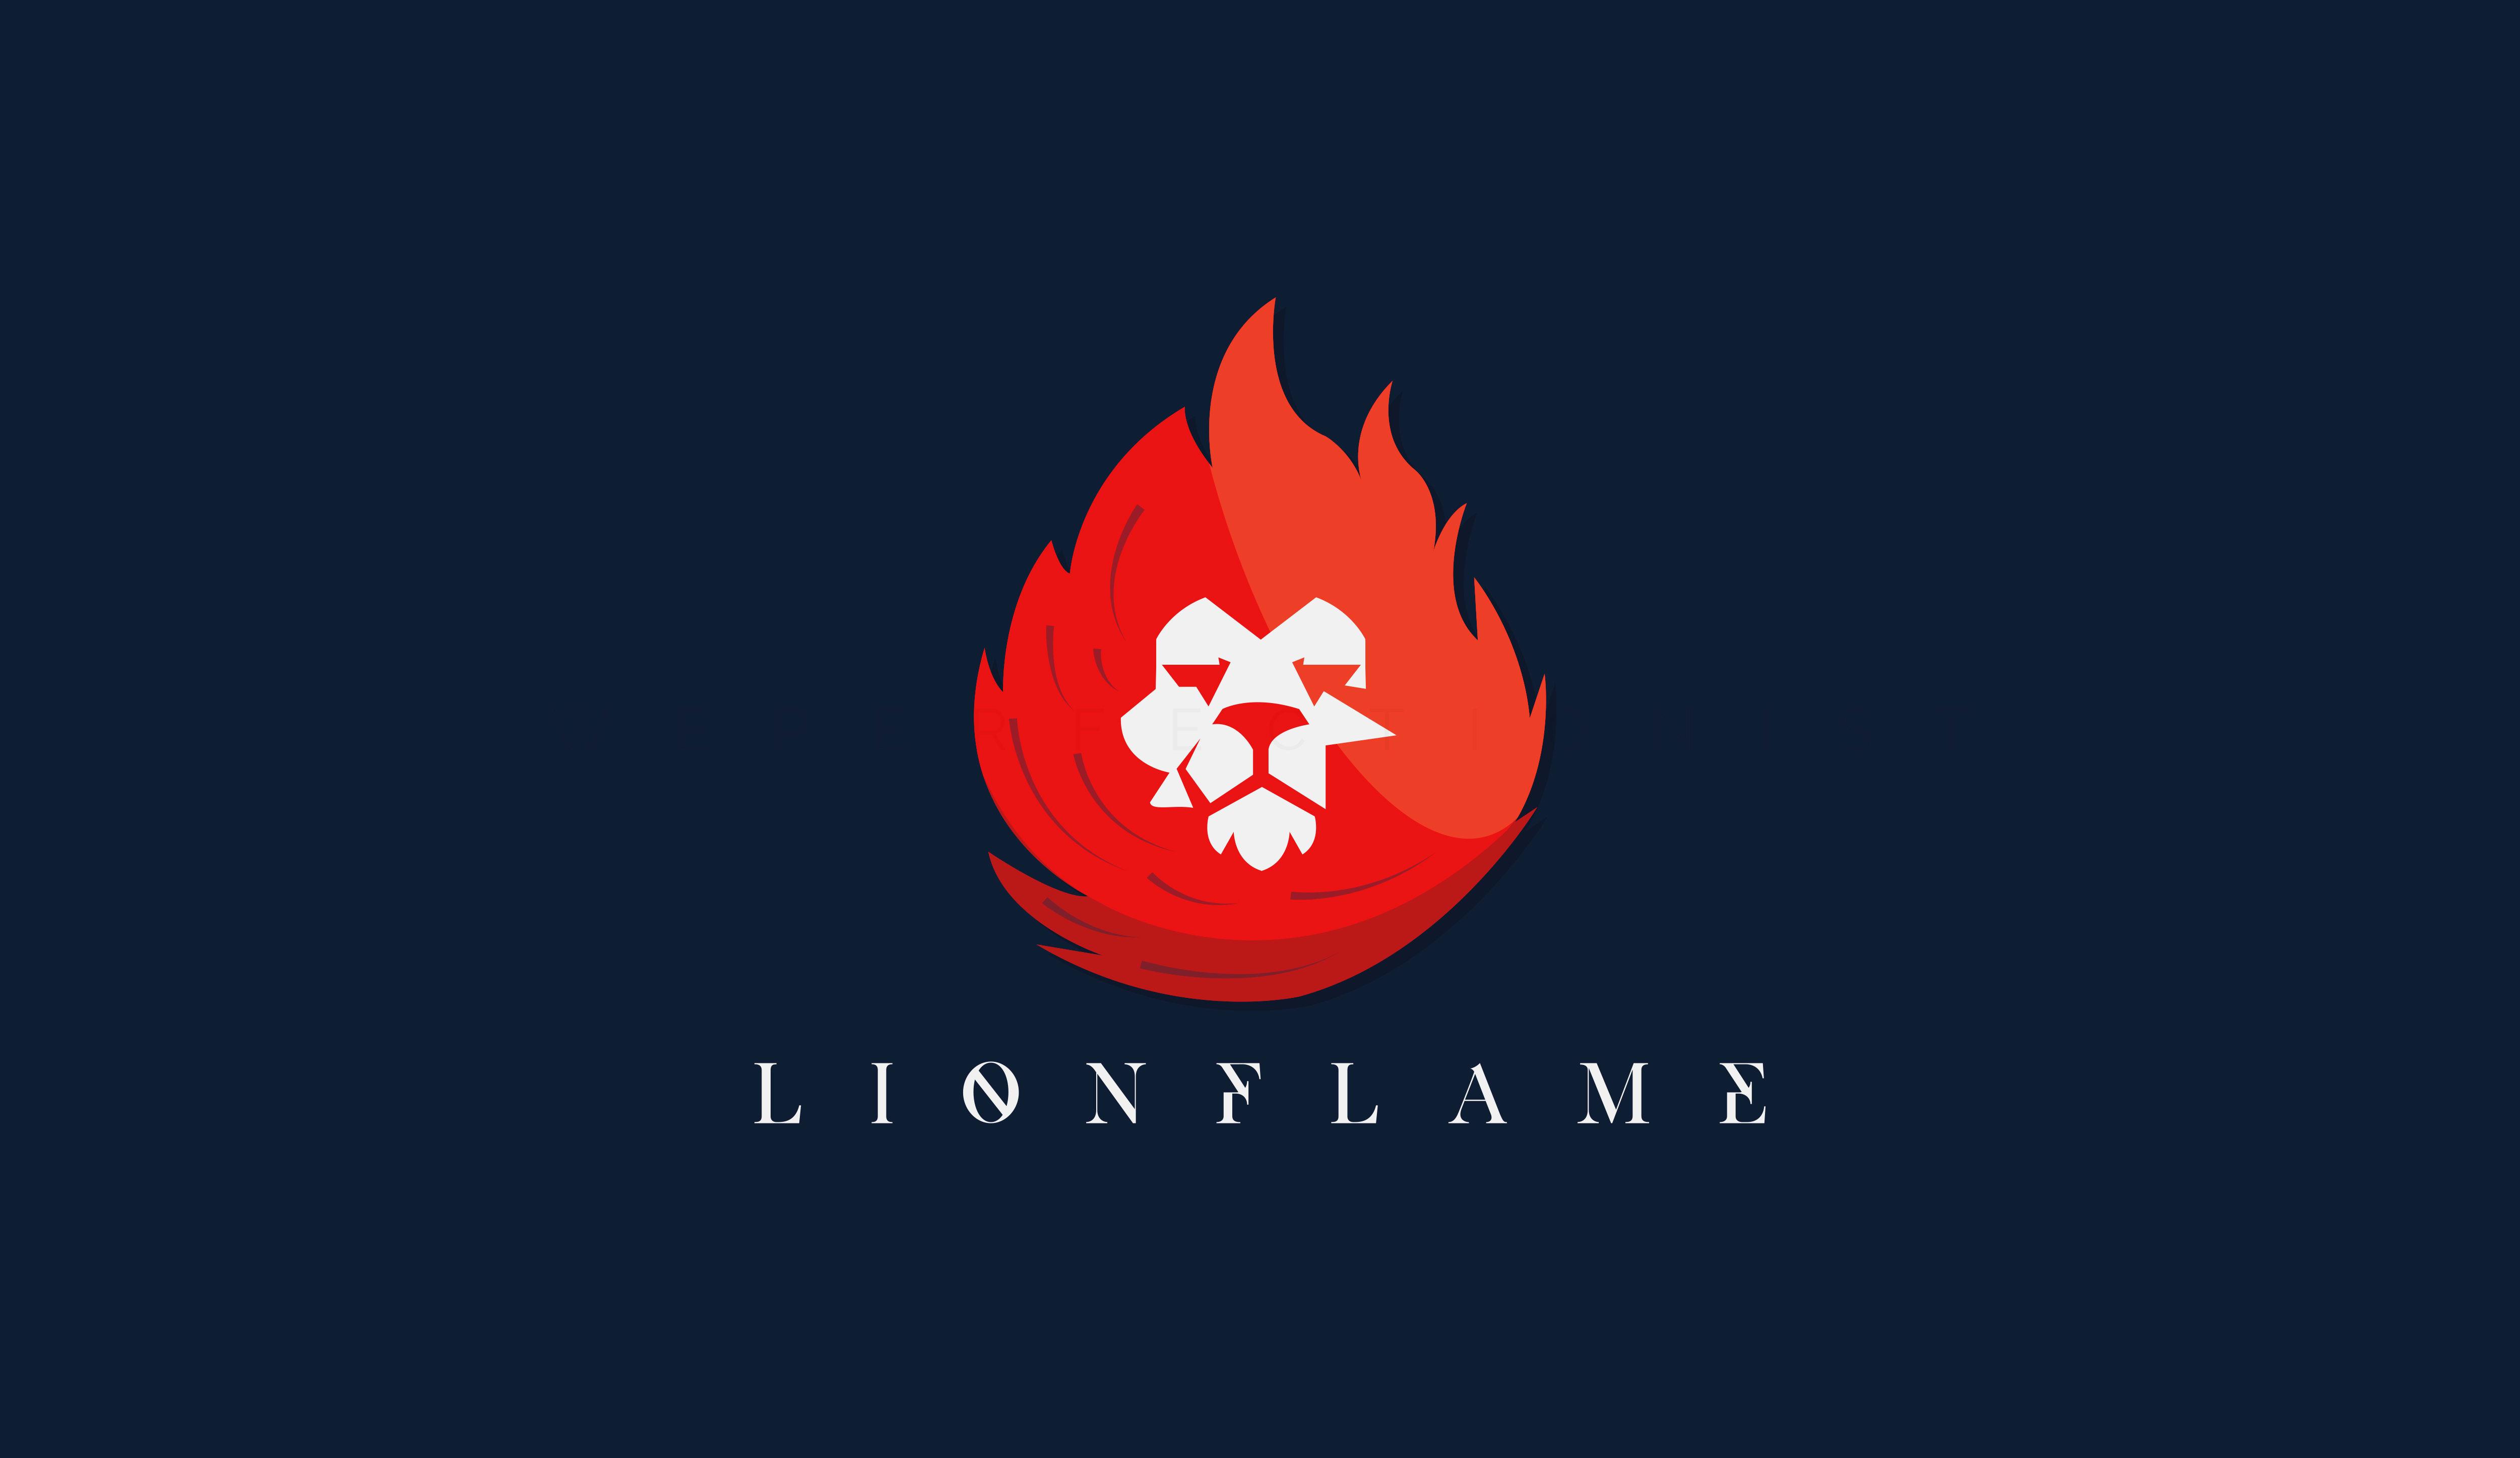 I will design 3 modern minimalist logo design,  NO COMPLEX OR MASCOT LOGO